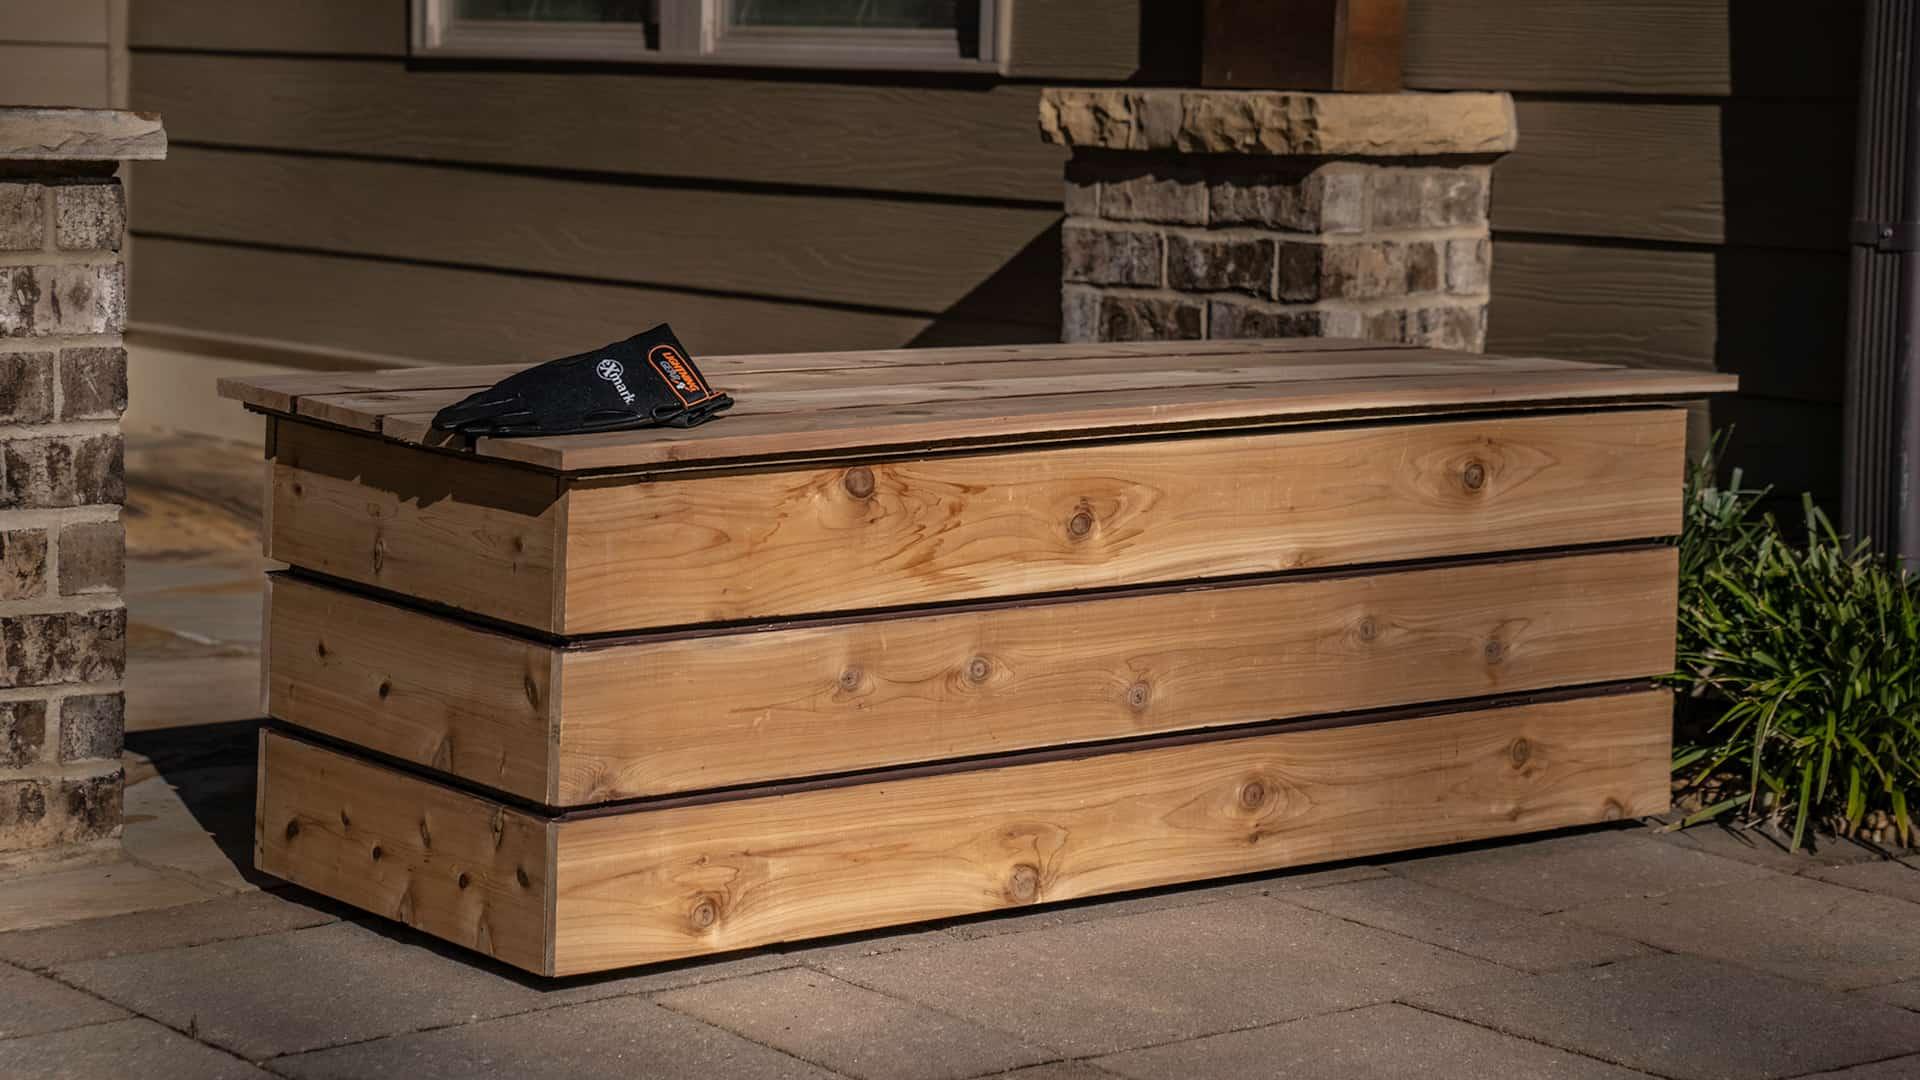 Storage Bench Build